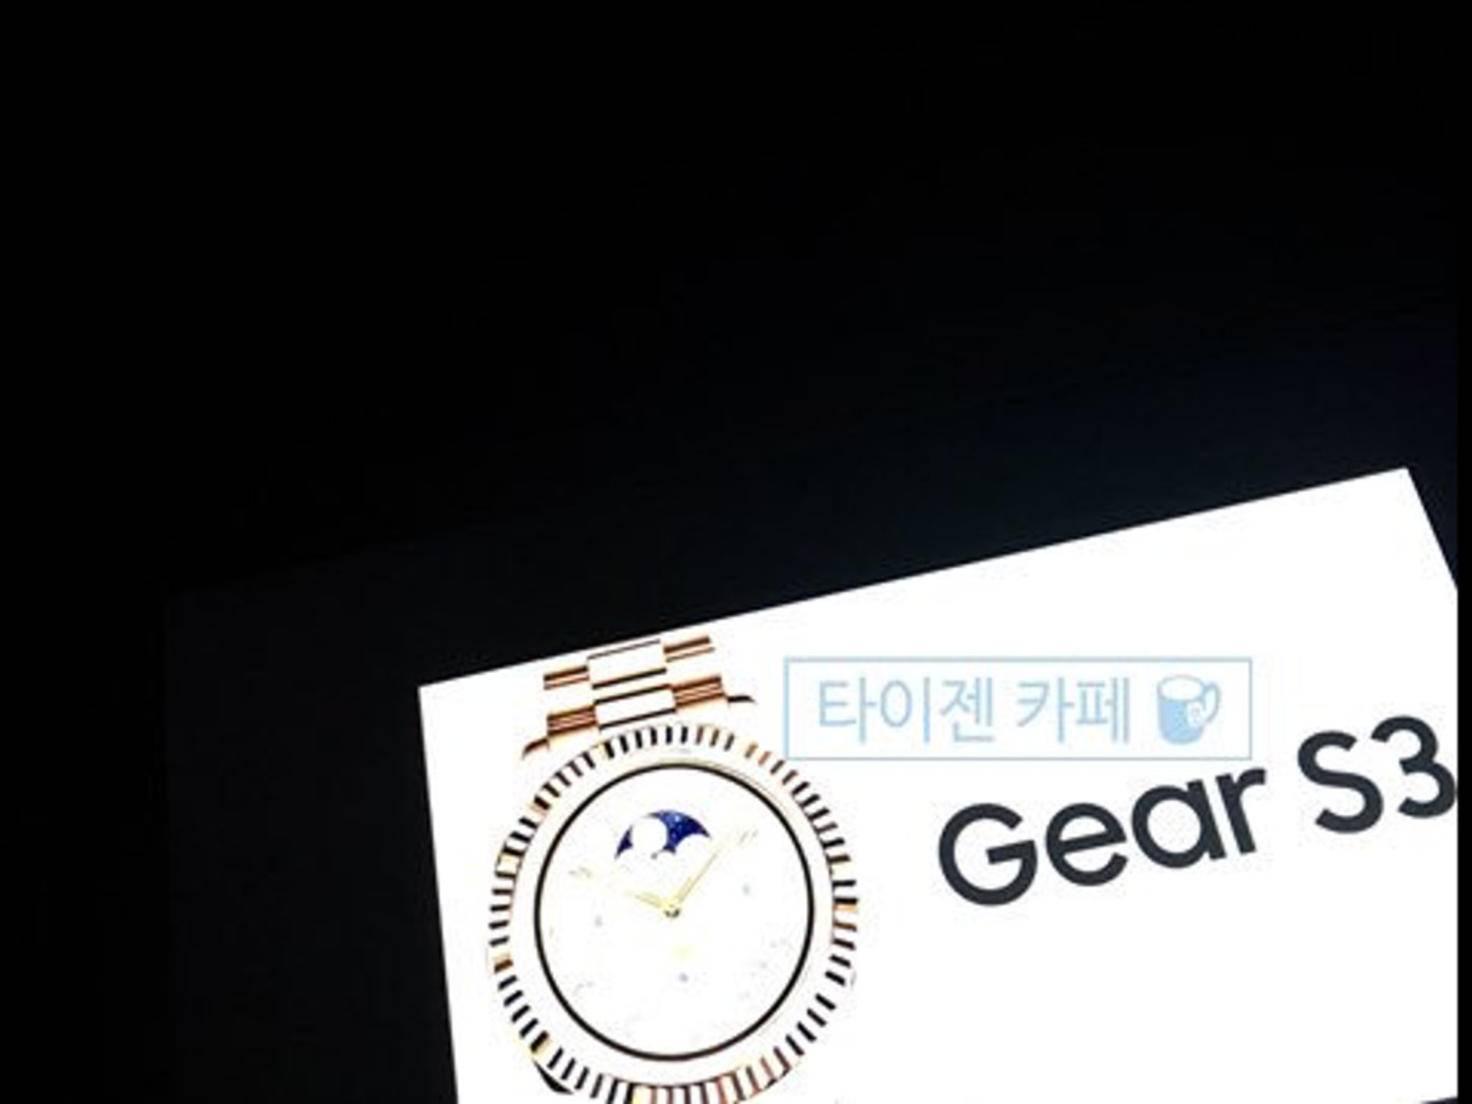 Abgebildet ist eine Uhr mit rundem Ziffernblatt.